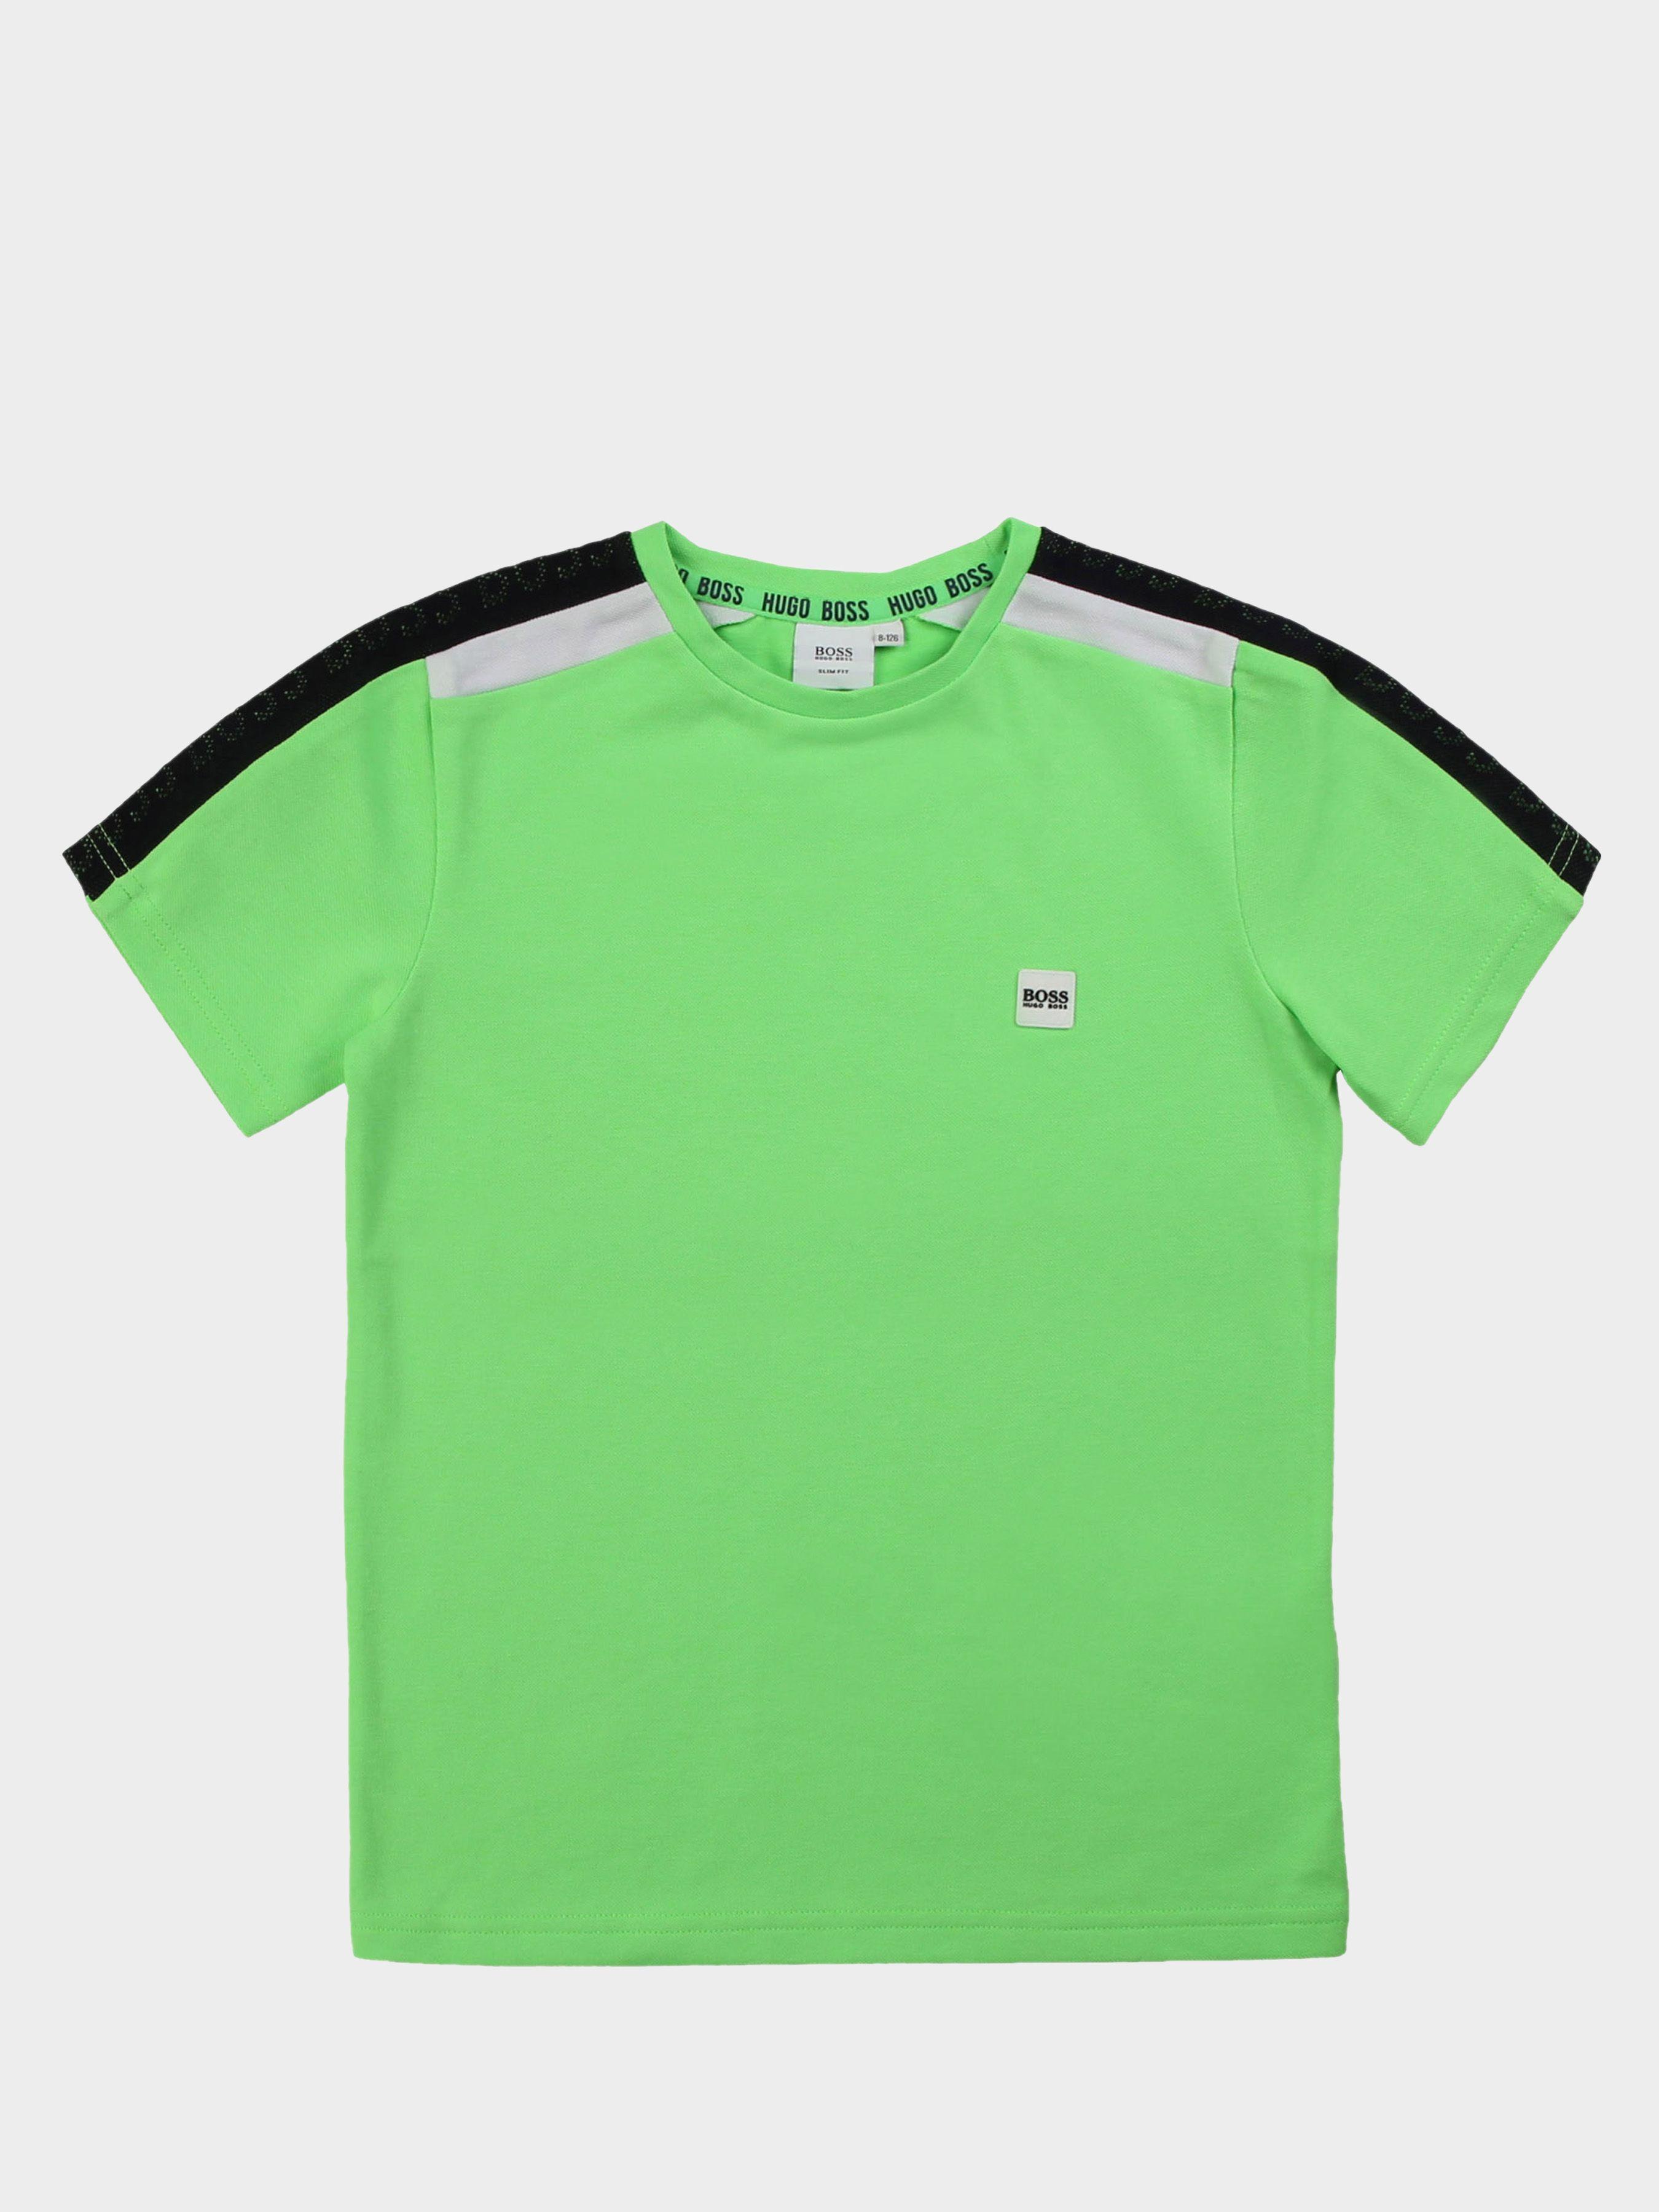 Купить Футболка детские модель HO793, Boss, Зеленый